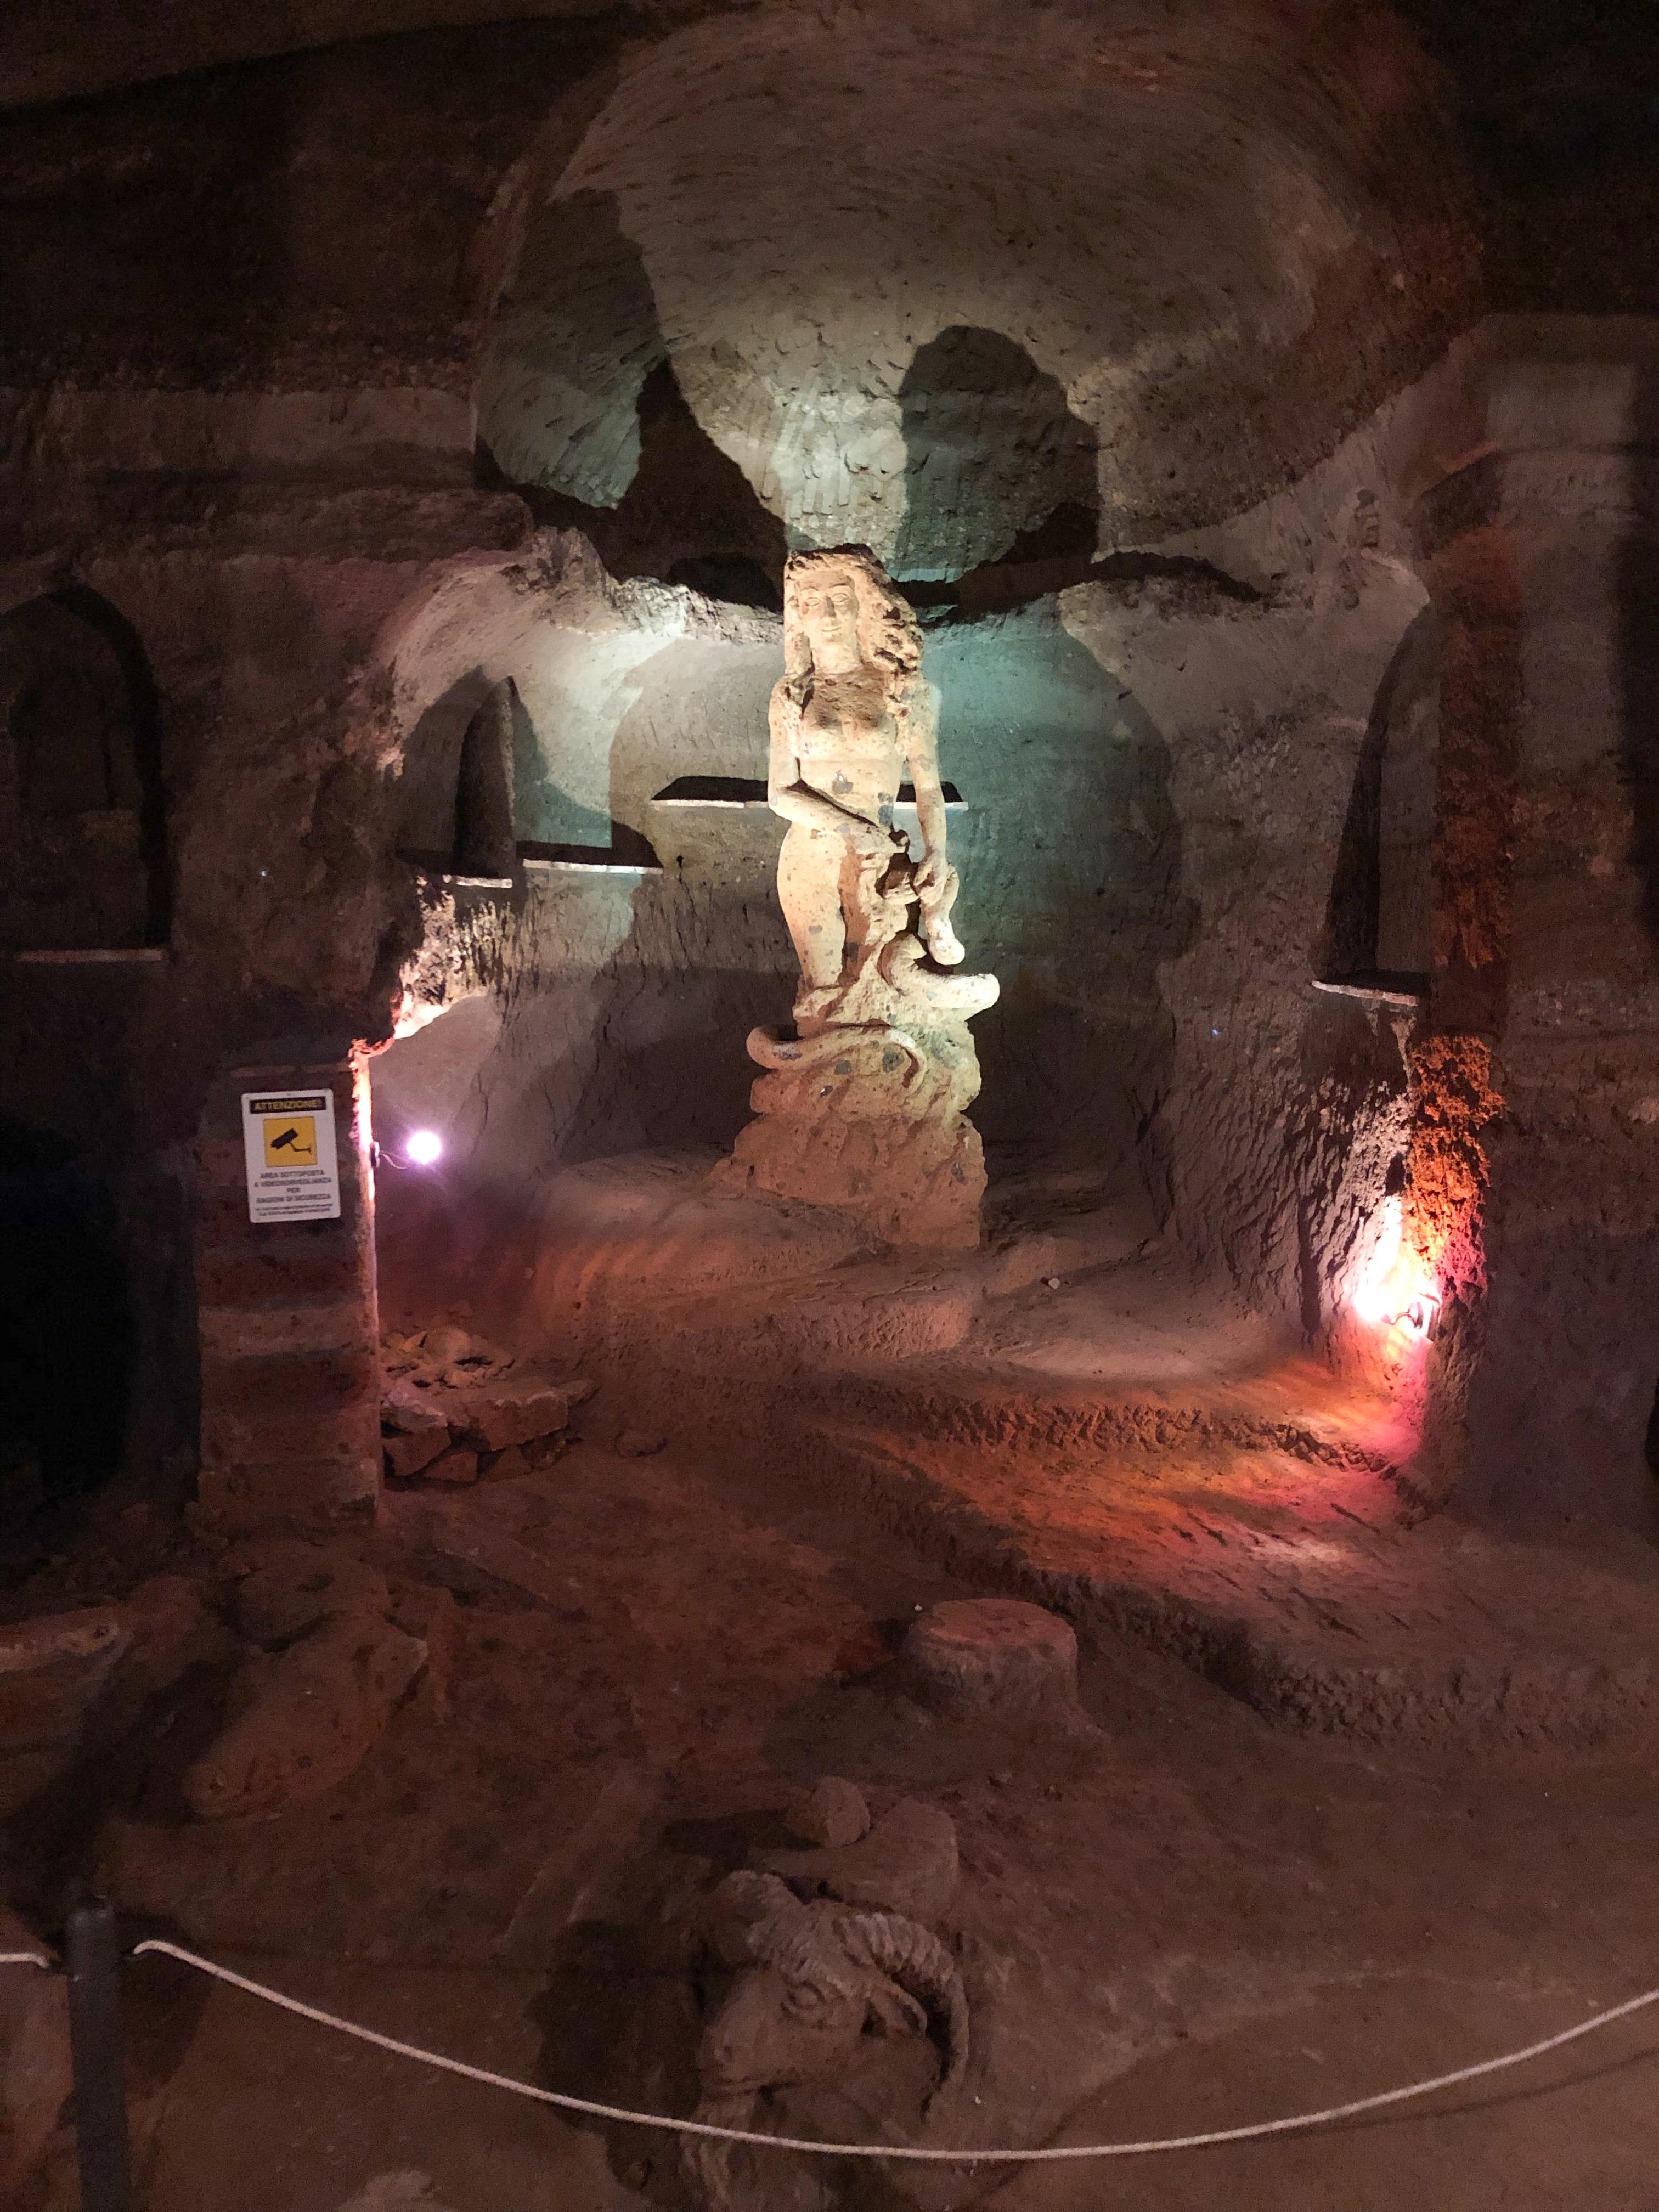 Casale Management - Food - Travel - Italia - Italy - Umbria - Orvieto - Il Labirinto di Adriano - Pranzo - Cena - Statua labirinto